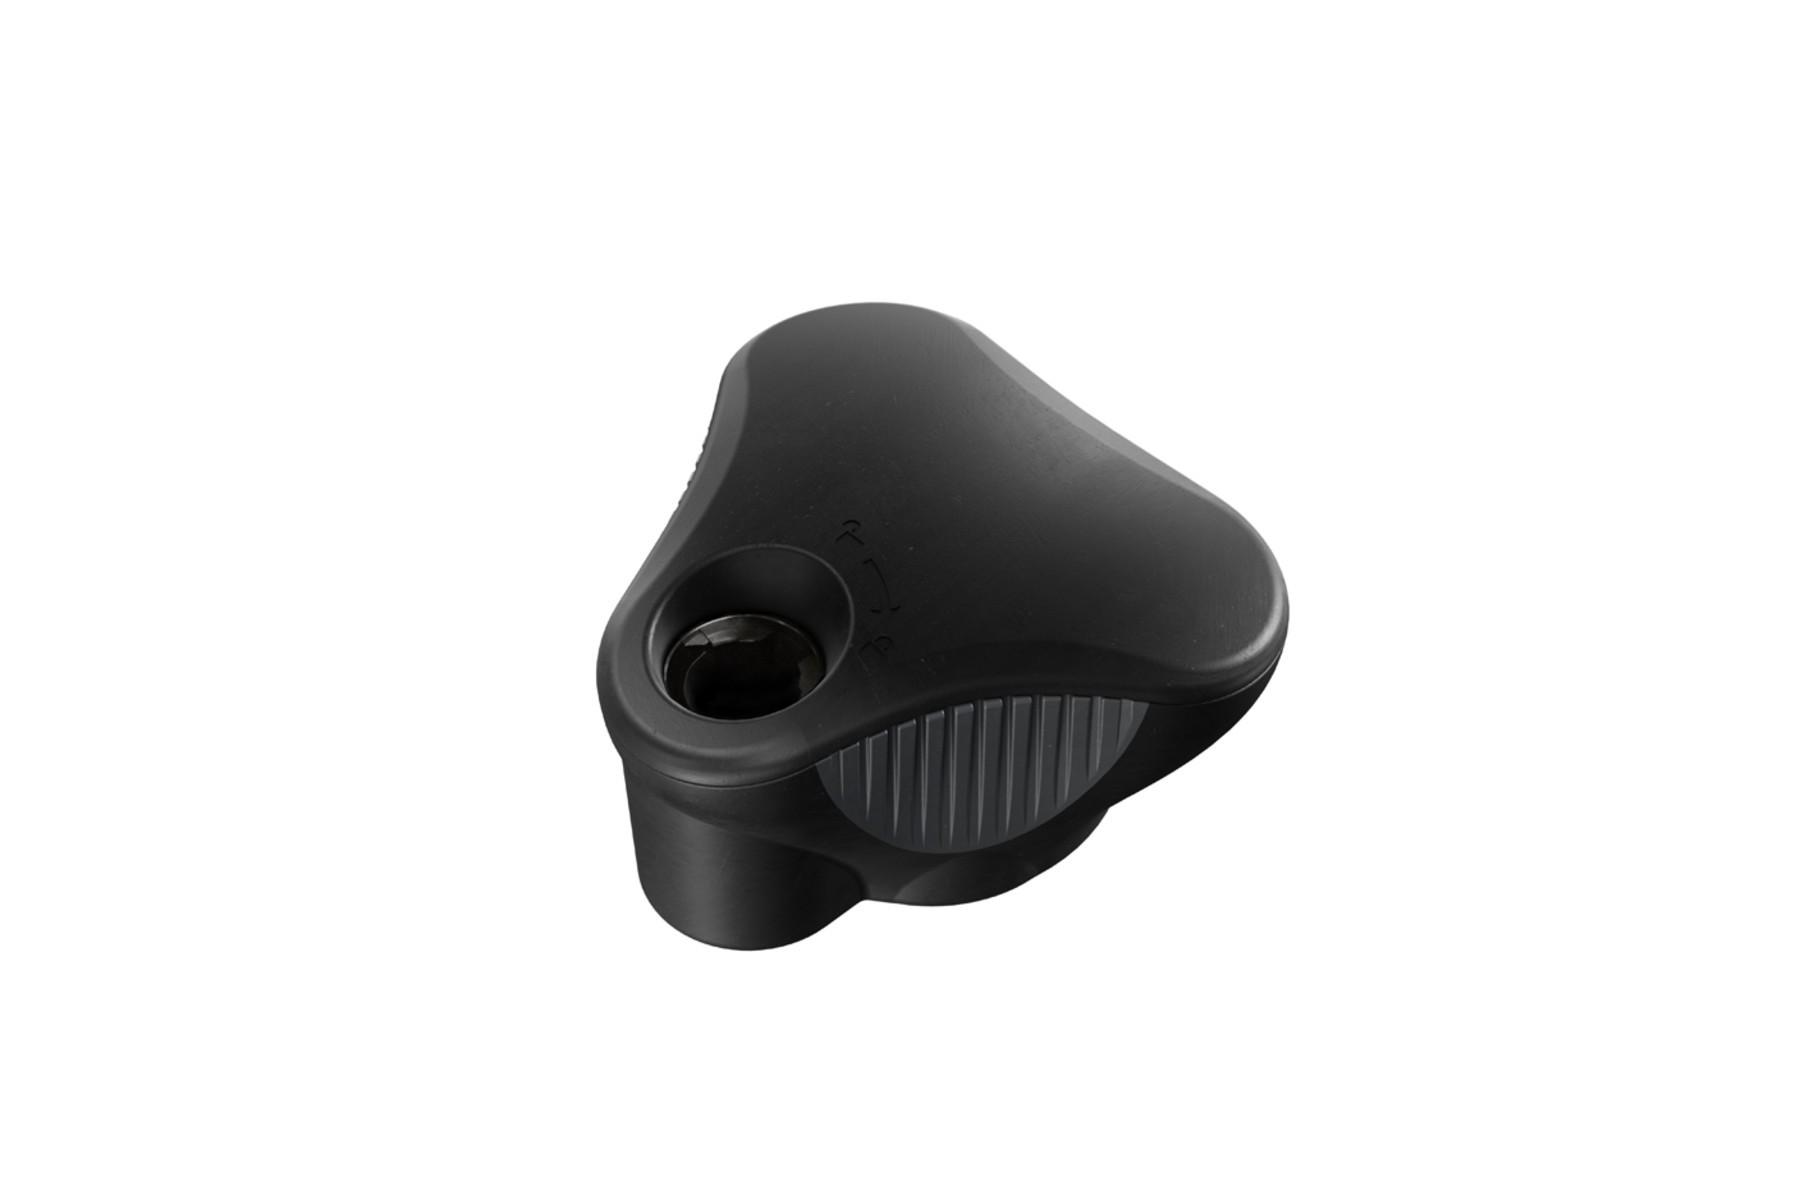 Porca Limitador De Torque P Euroride  Velocompact THULE 528